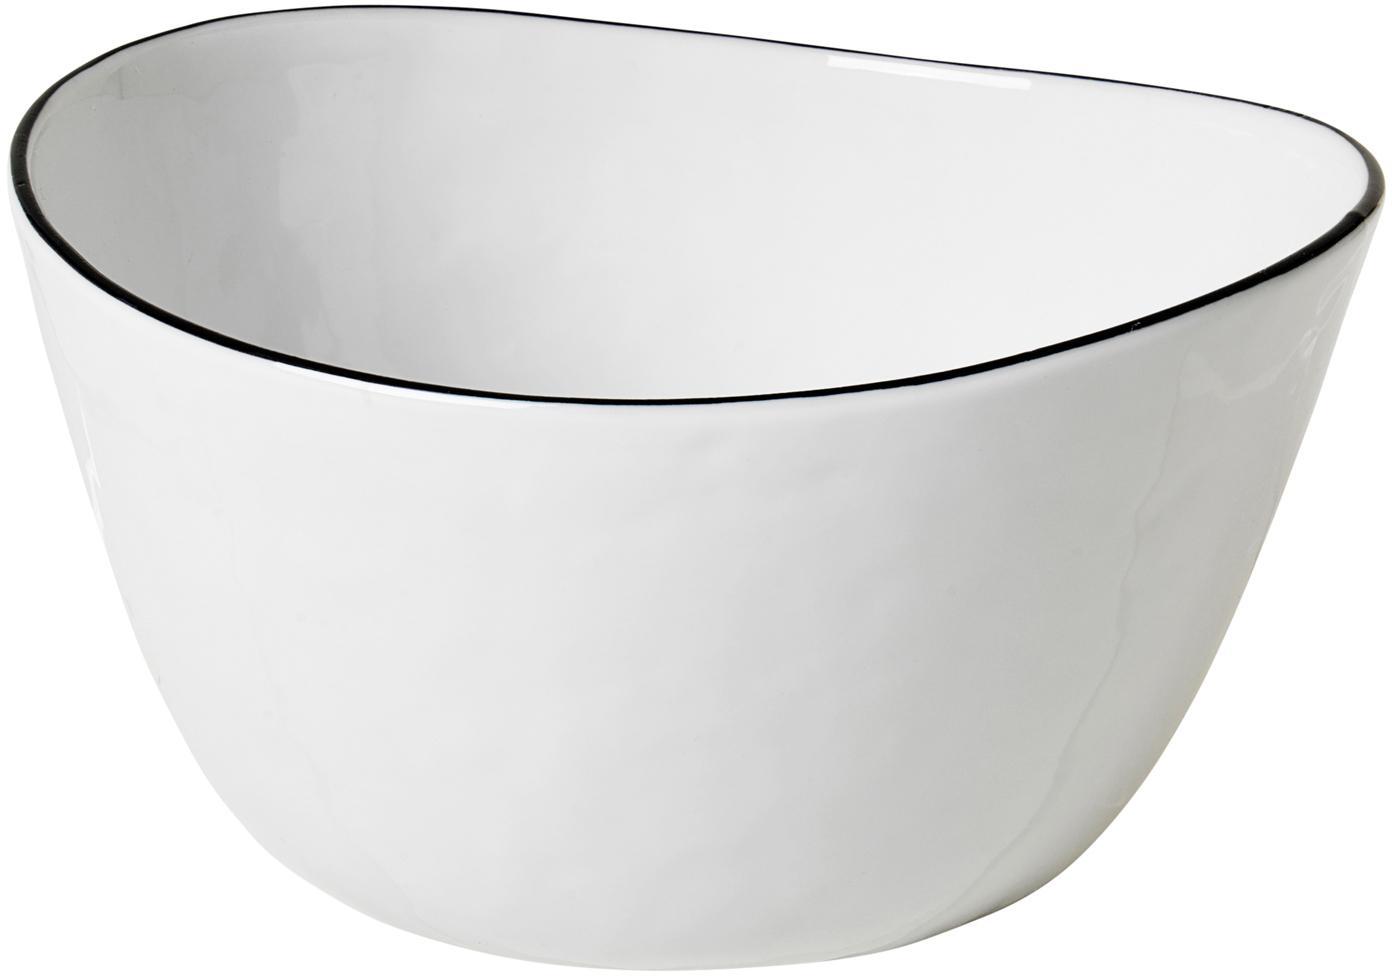 Handgemachte Schüssel Salt mit schwarzem Rand, Porzellan, Gebrochenes Weiß, Schwarz, B 20 x T 19 cm